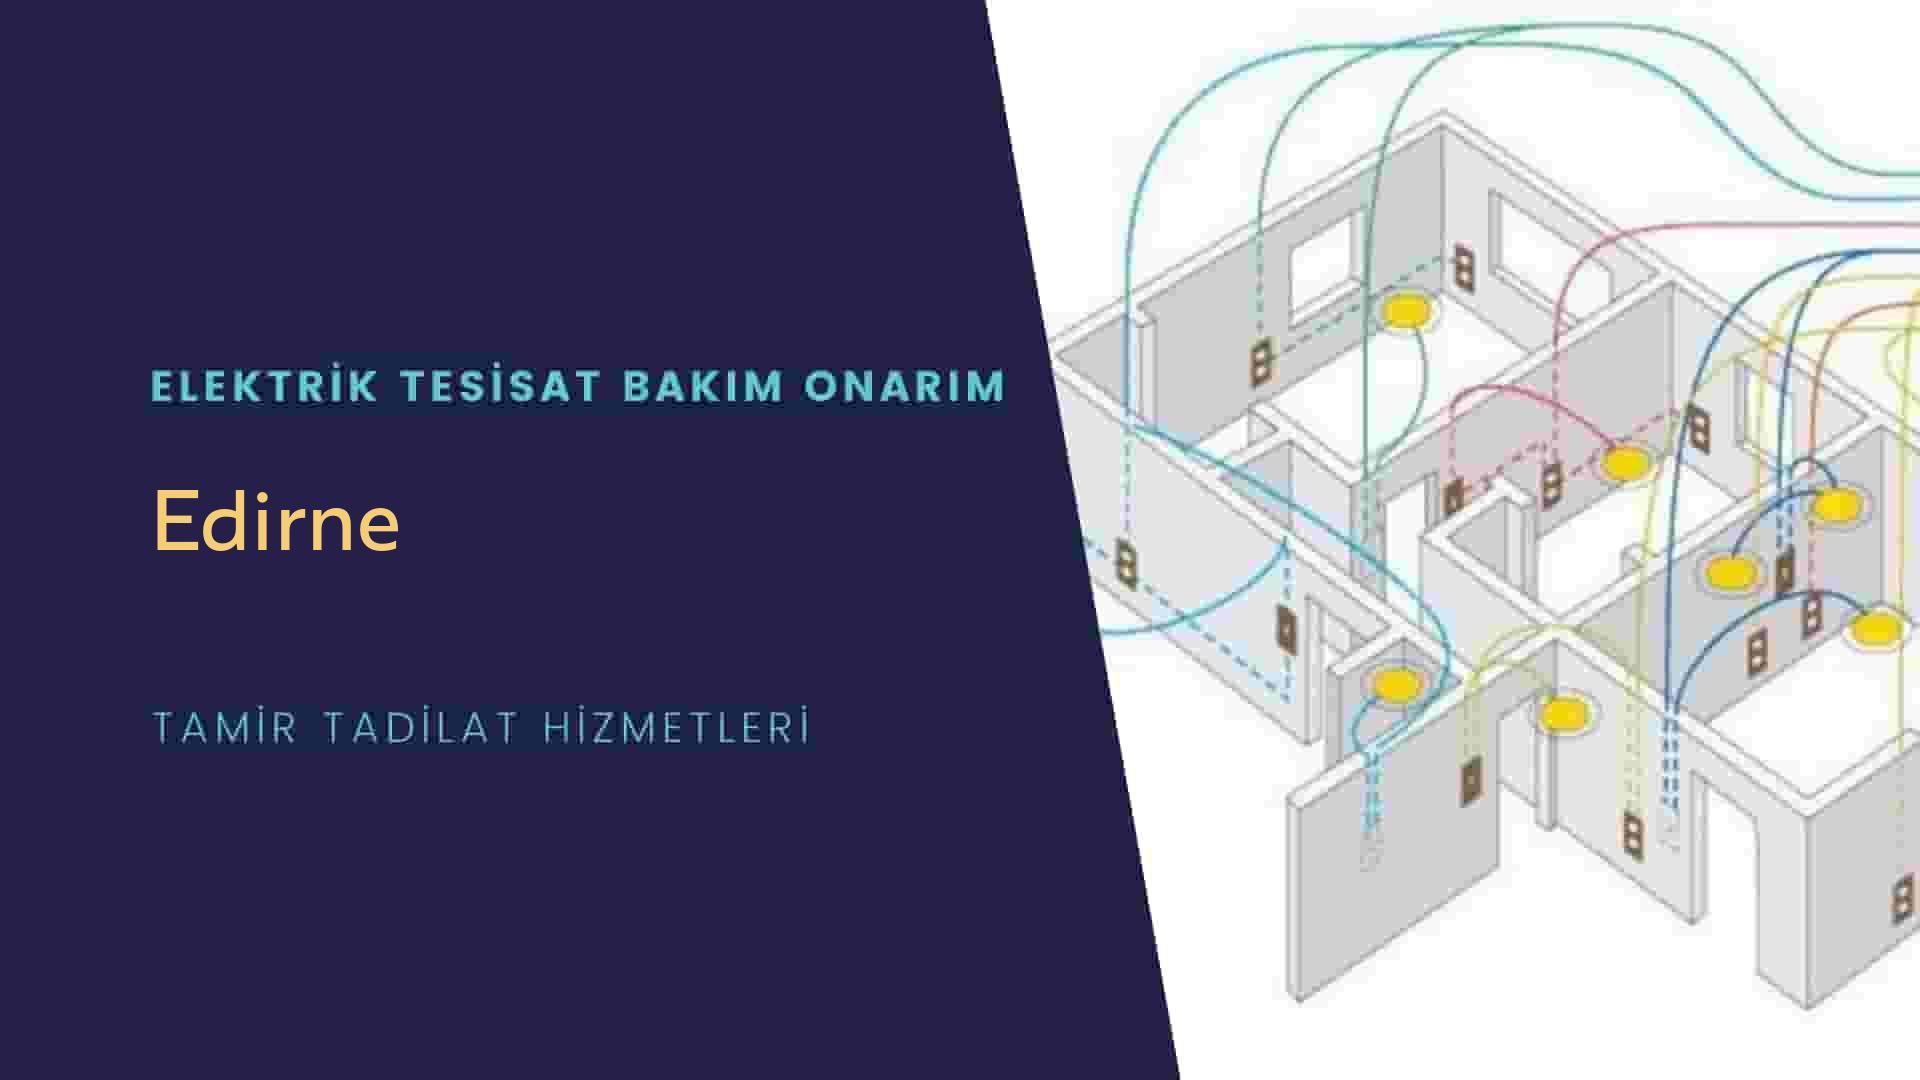 Edirne'de elektrik tesisatıustalarımı arıyorsunuz doğru adrestenizi Edirne elektrik tesisatı ustalarımız 7/24 sizlere hizmet vermekten mutluluk duyar.